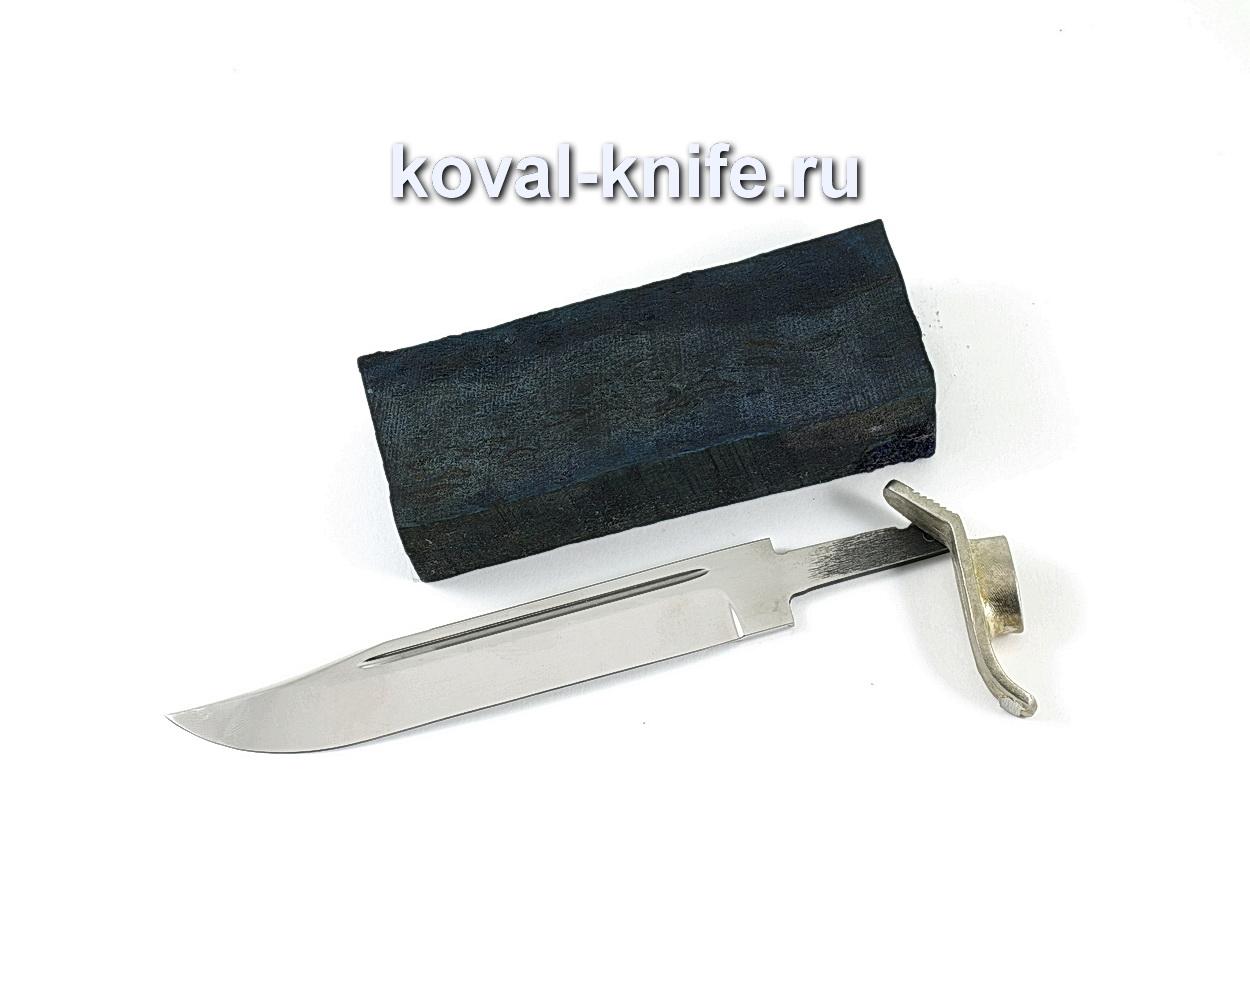 Комплект для ножа НР-40 3 (клинок кованая 95х18 3,5мм, литье 1шт., граб брусок)